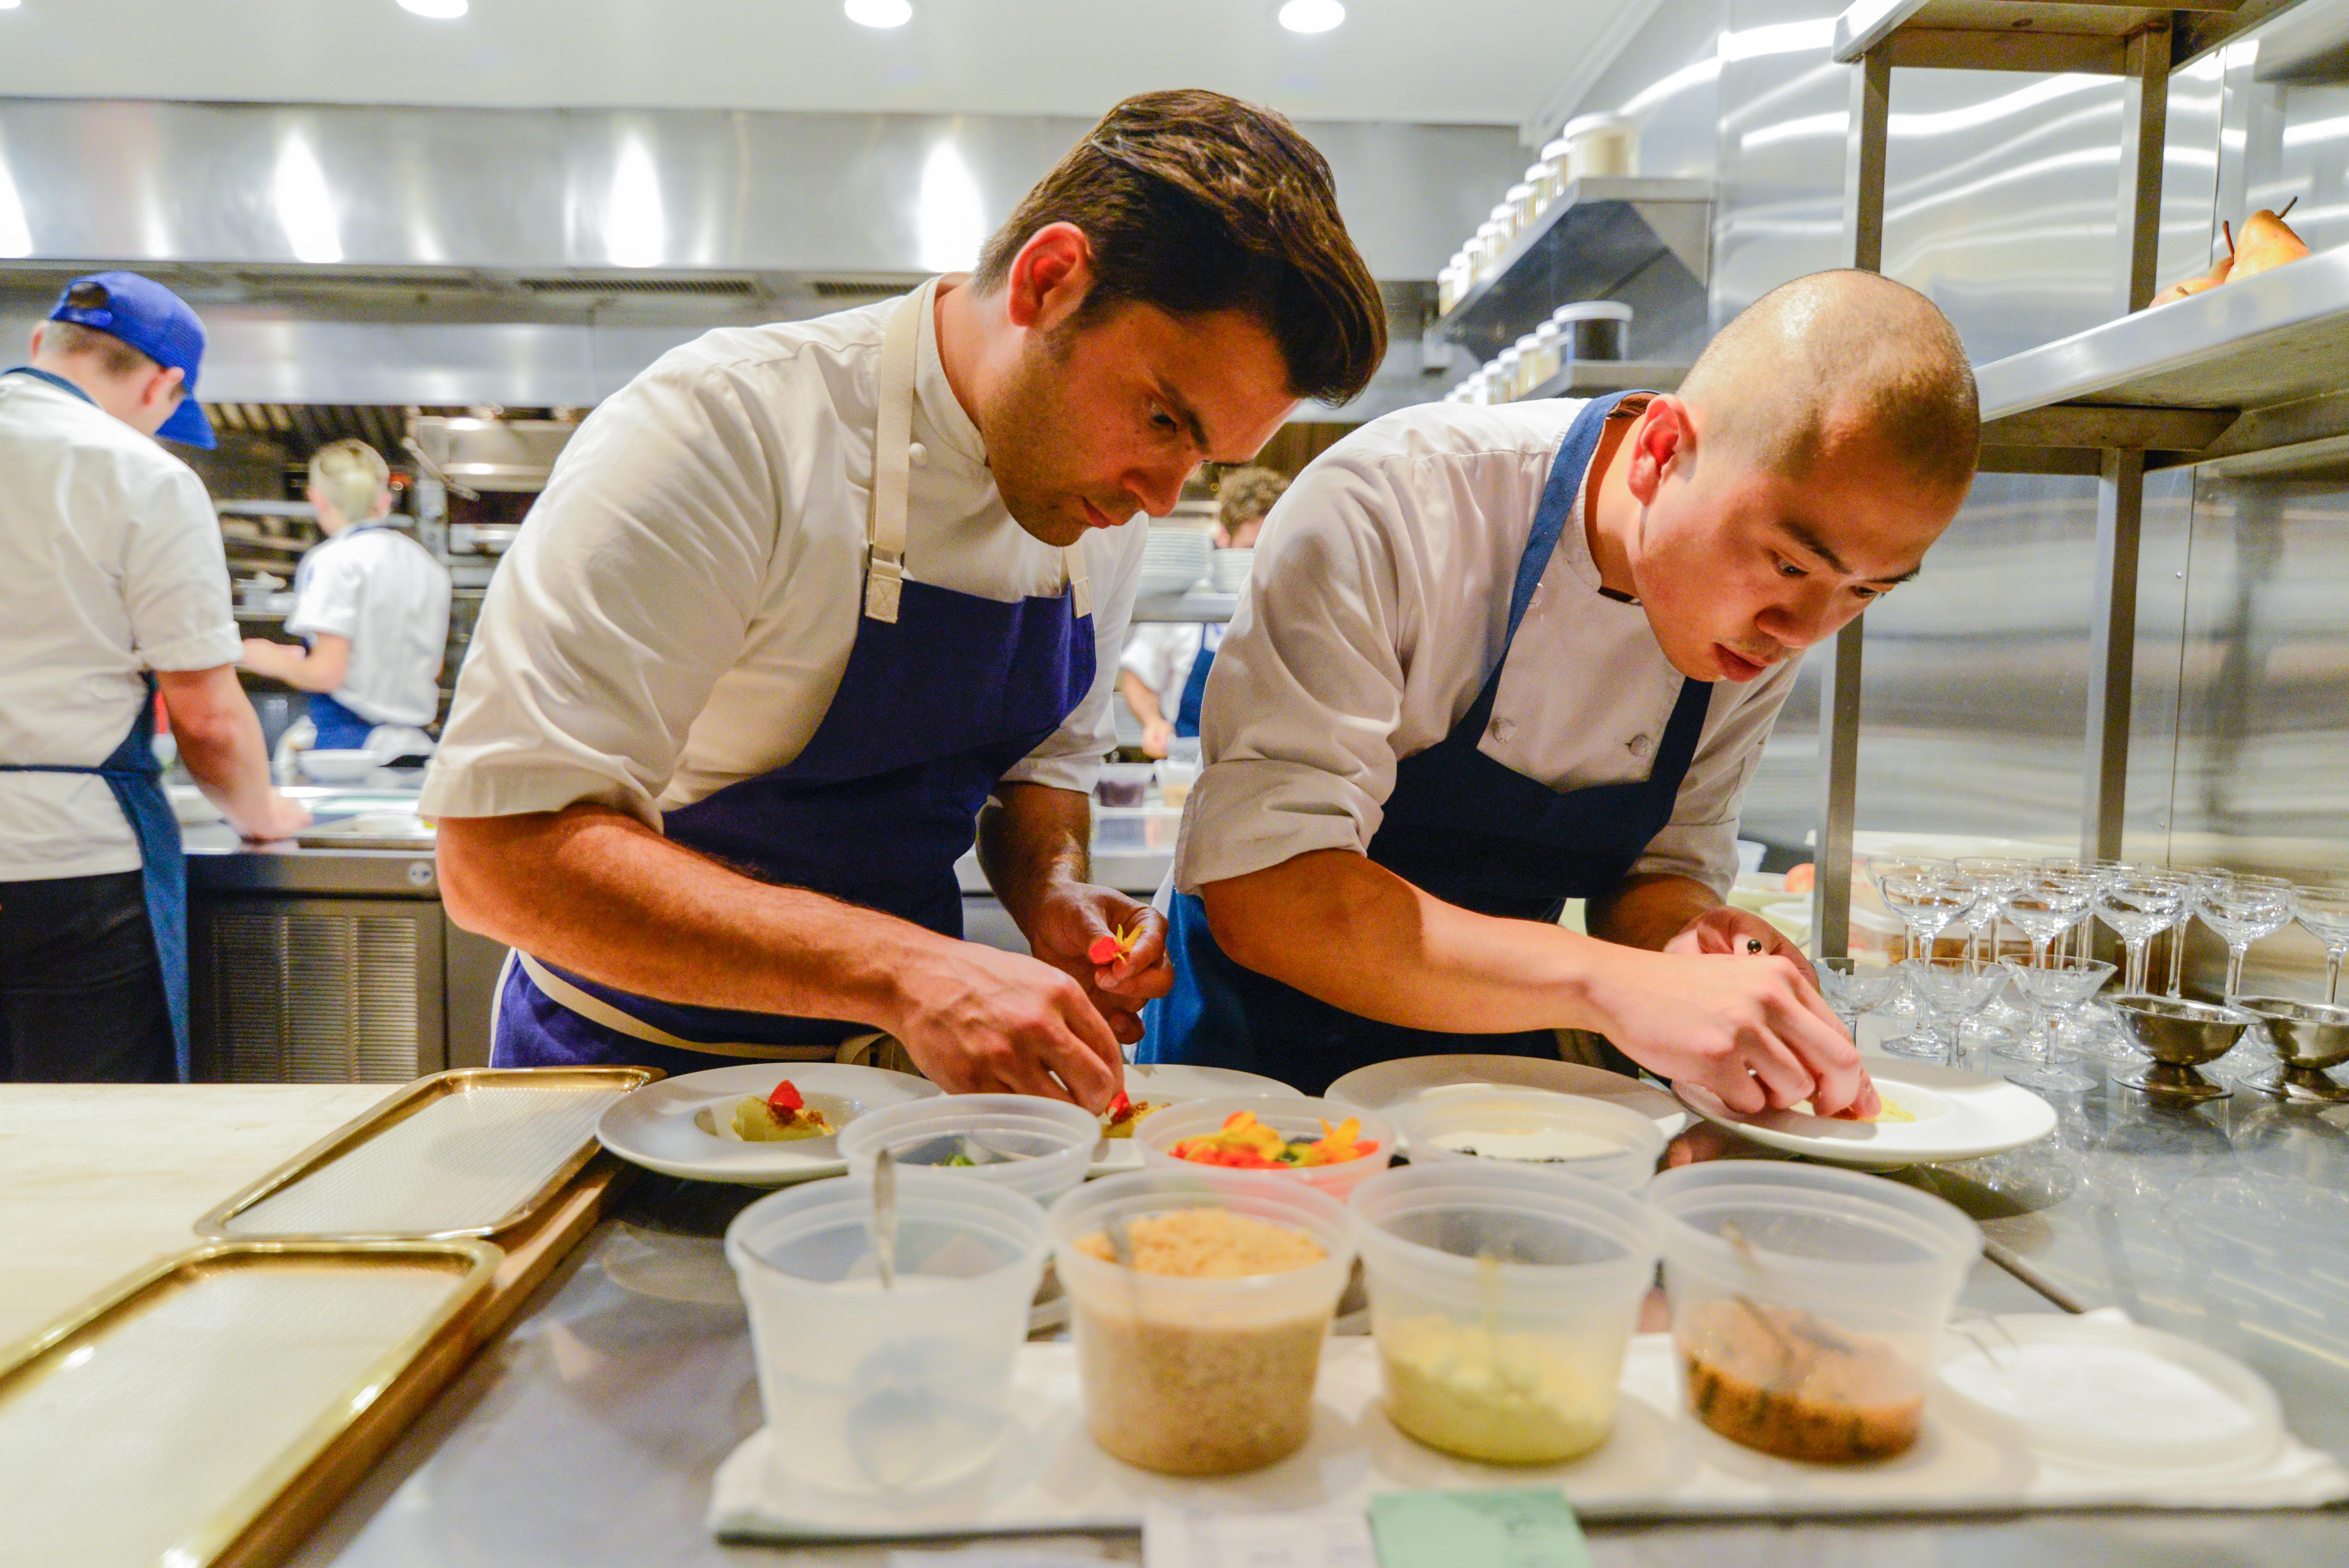 Chefs at Komi work in the kitchen.